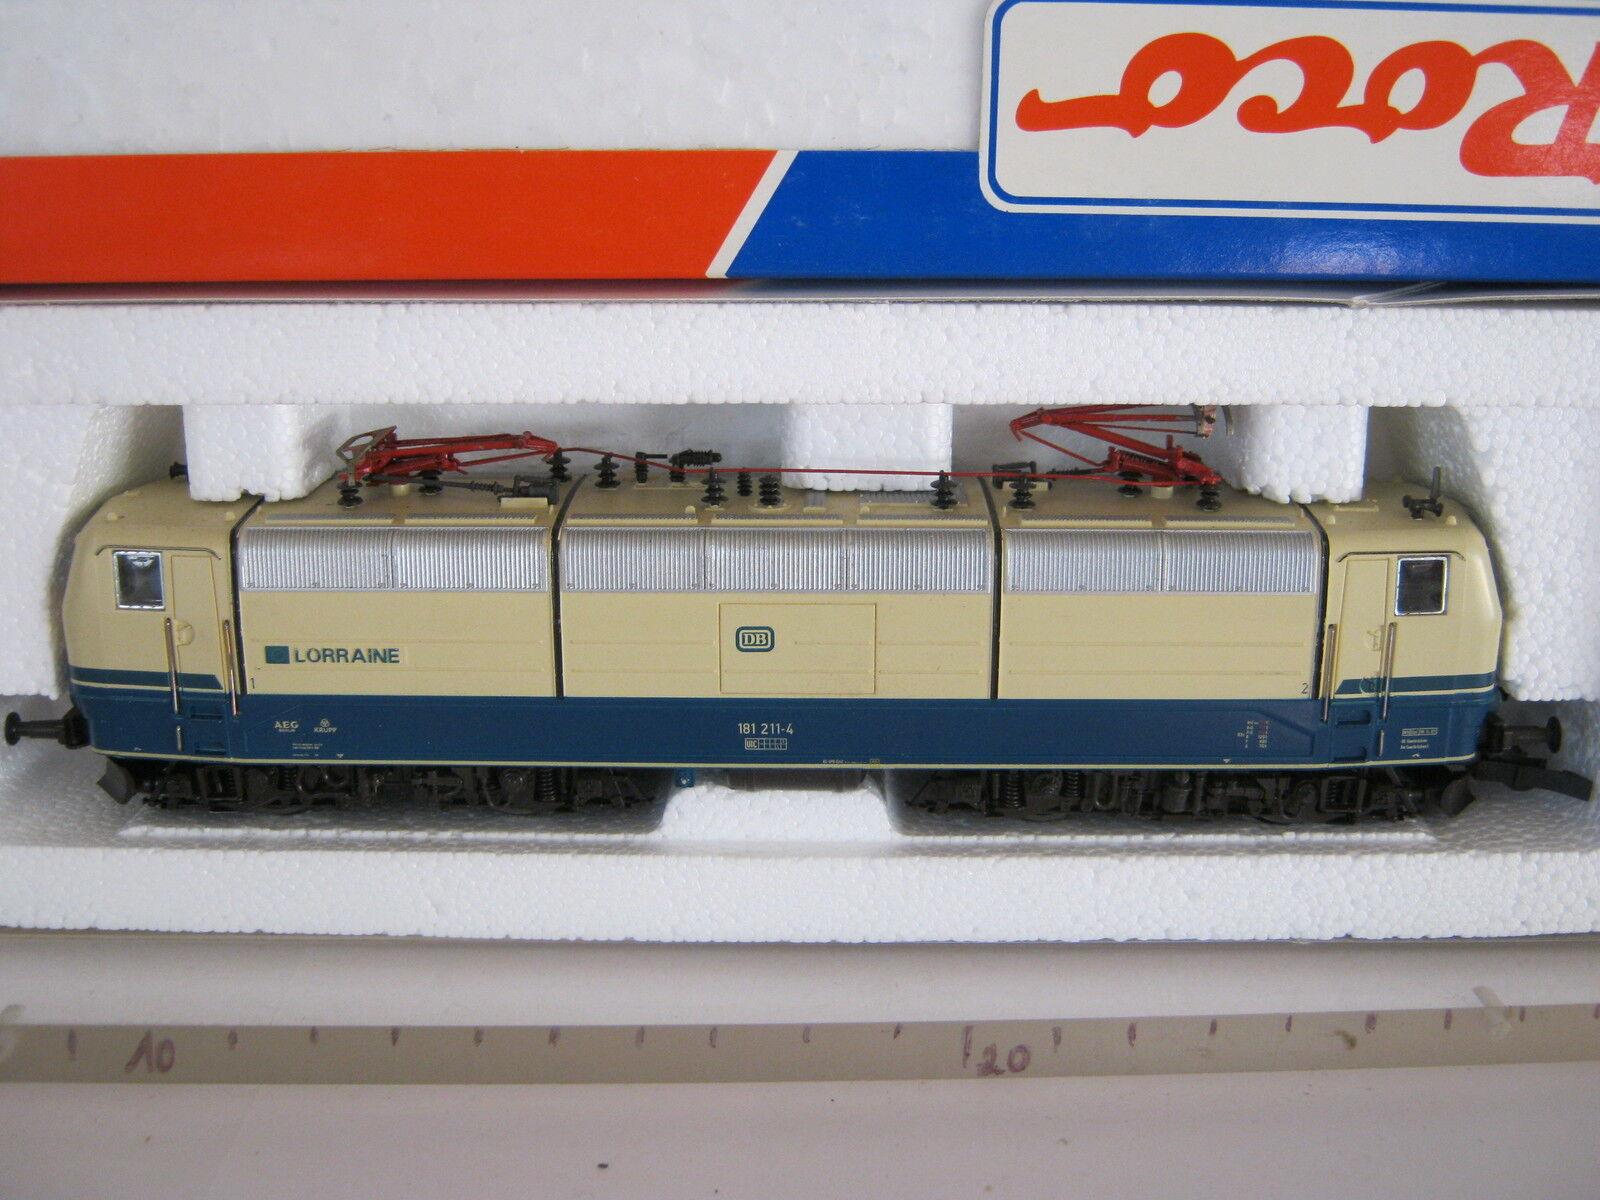 ROCO HO 43692 Elektro Lok Lorraine btrnr 181 211-4 DB (rg bs 079-75s8f4)